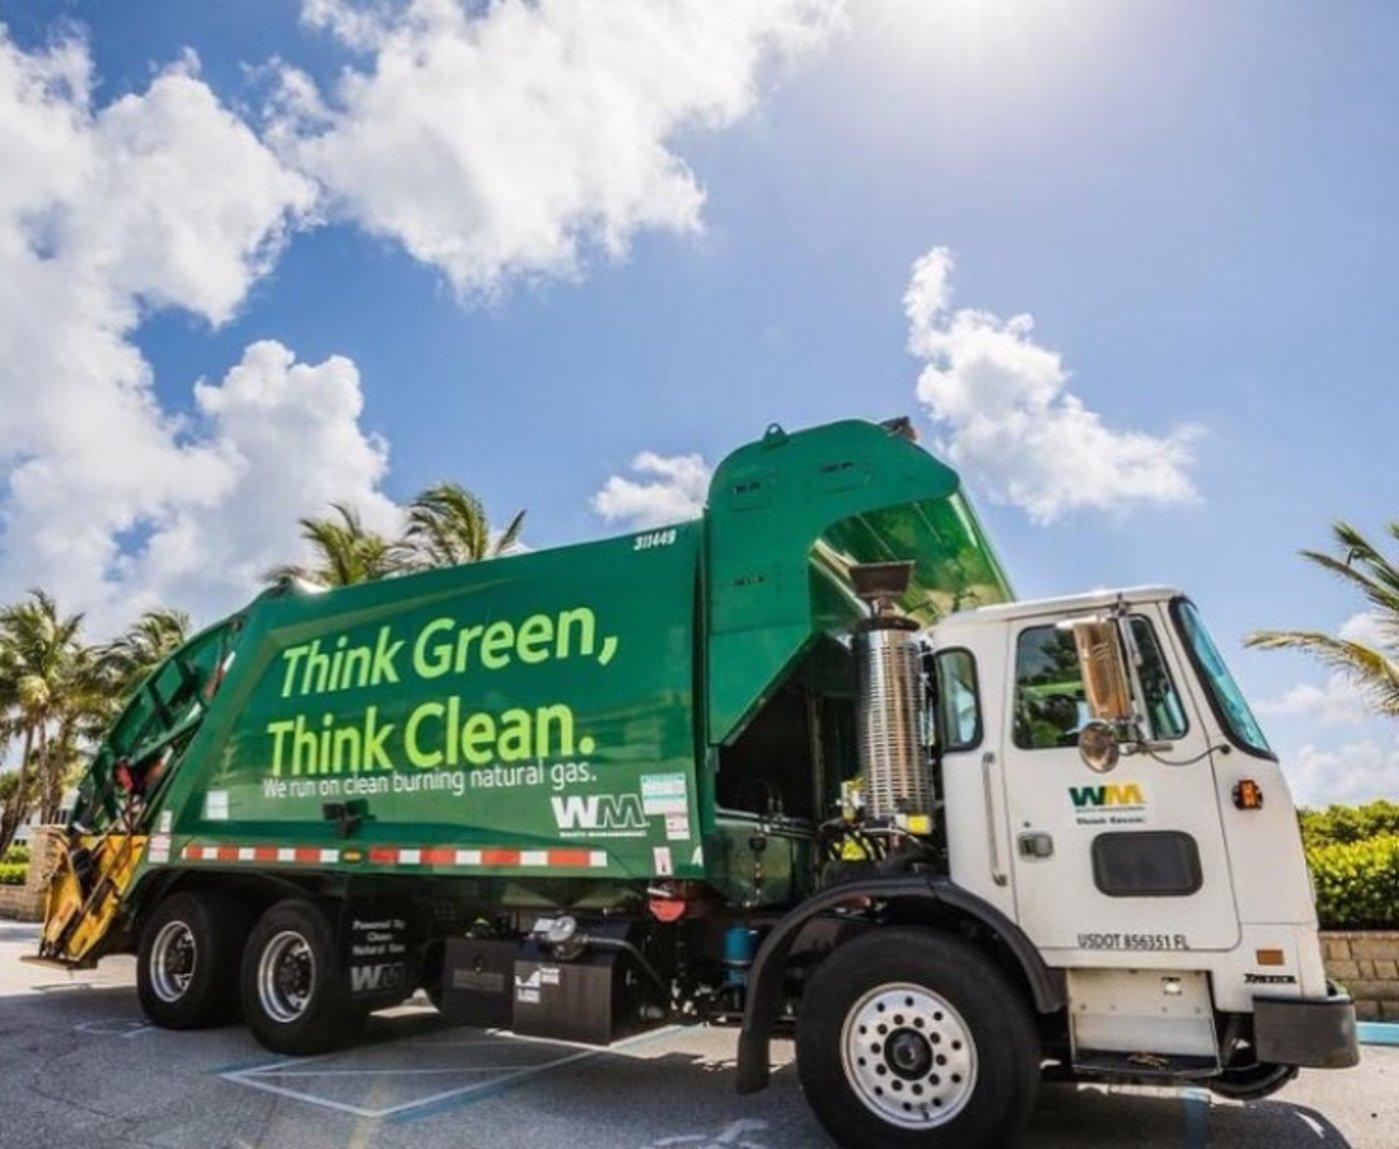 图片来自waste management官方